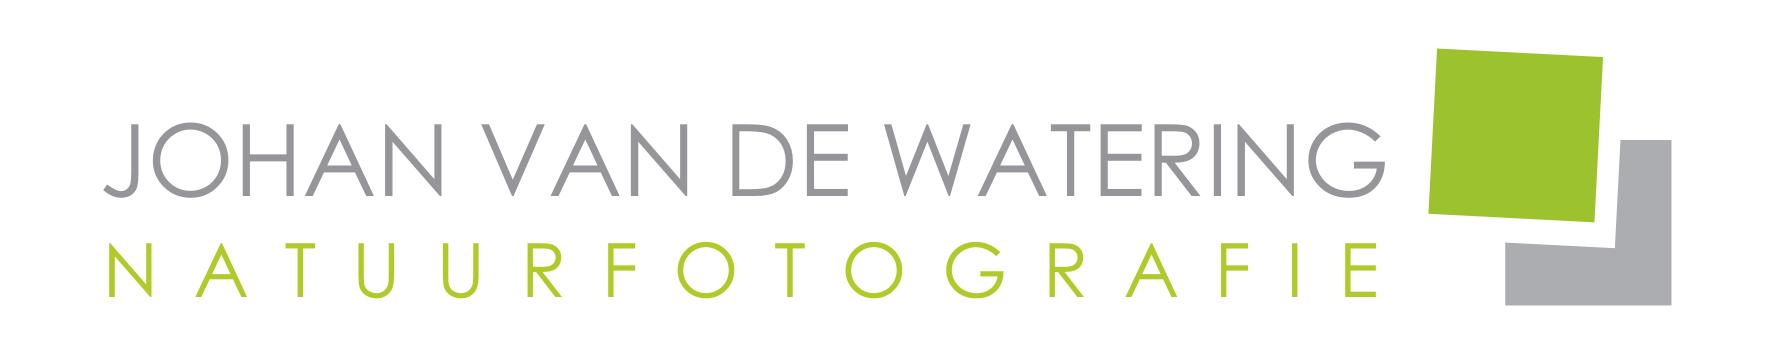 JVDW_logo-natuurfotografie-2